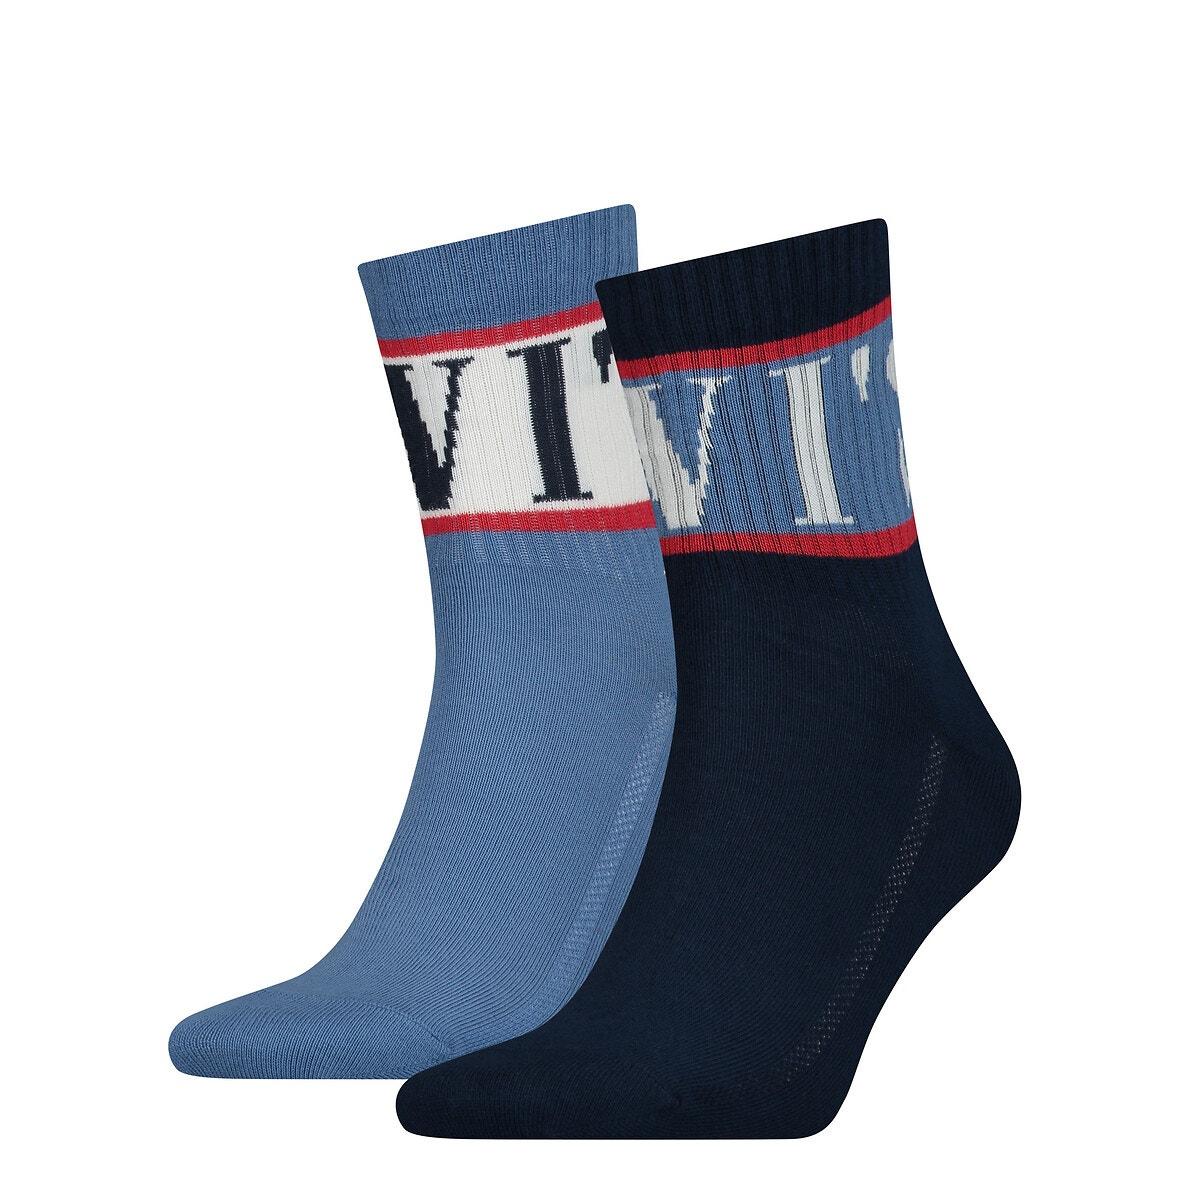 Levis - Σετ 2 ζευγάρια βαμβακερές αθλητικές κάλτσες 350180732 - 1260